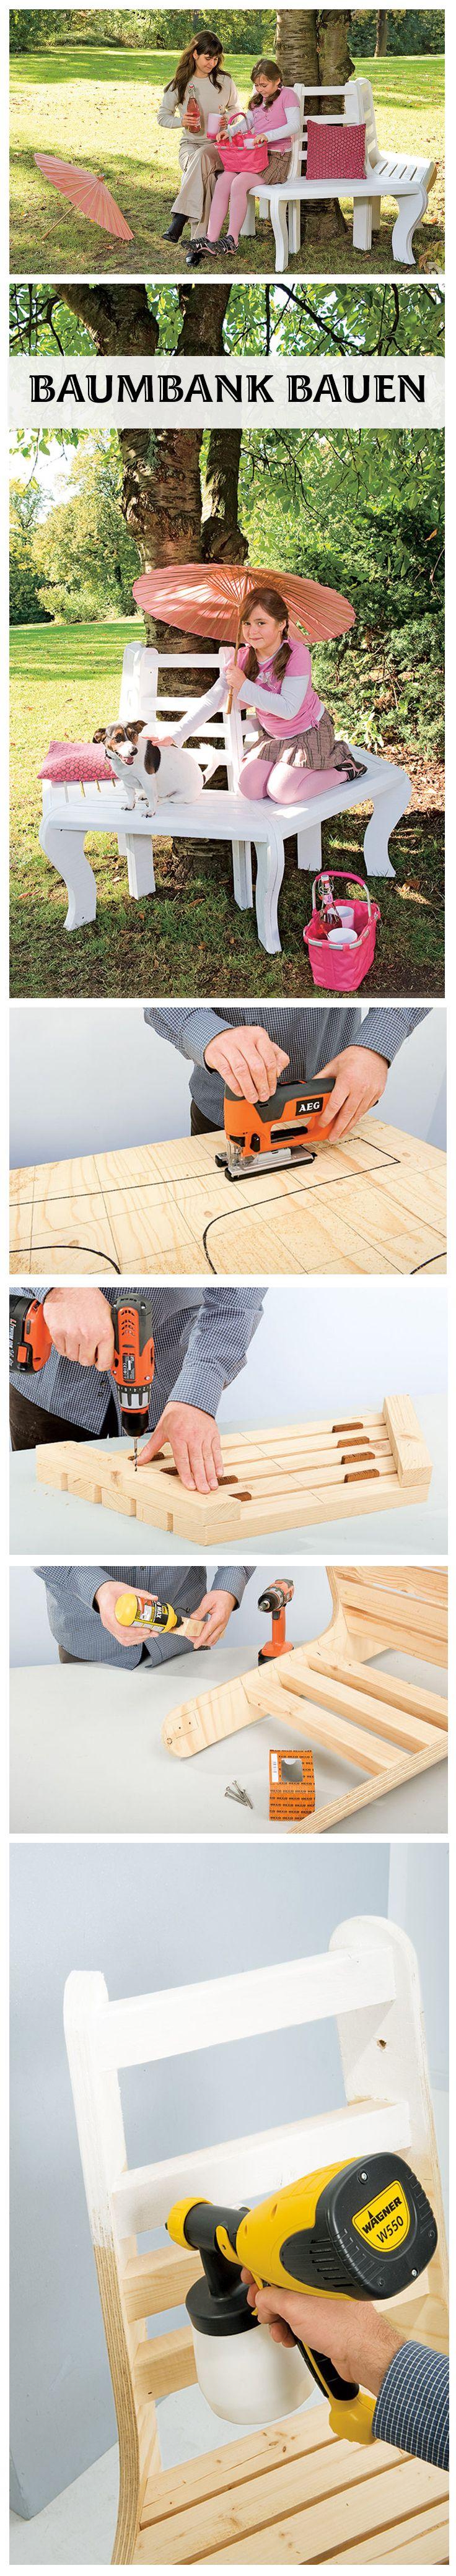 Baumbank: Eine Bank, die kreisförmig einen Baum umschlingt. Klingt simple und so ist es auch, denn mit unserer Bauanleitung kannst du dir eine klassische Baumbank selbst bauen.